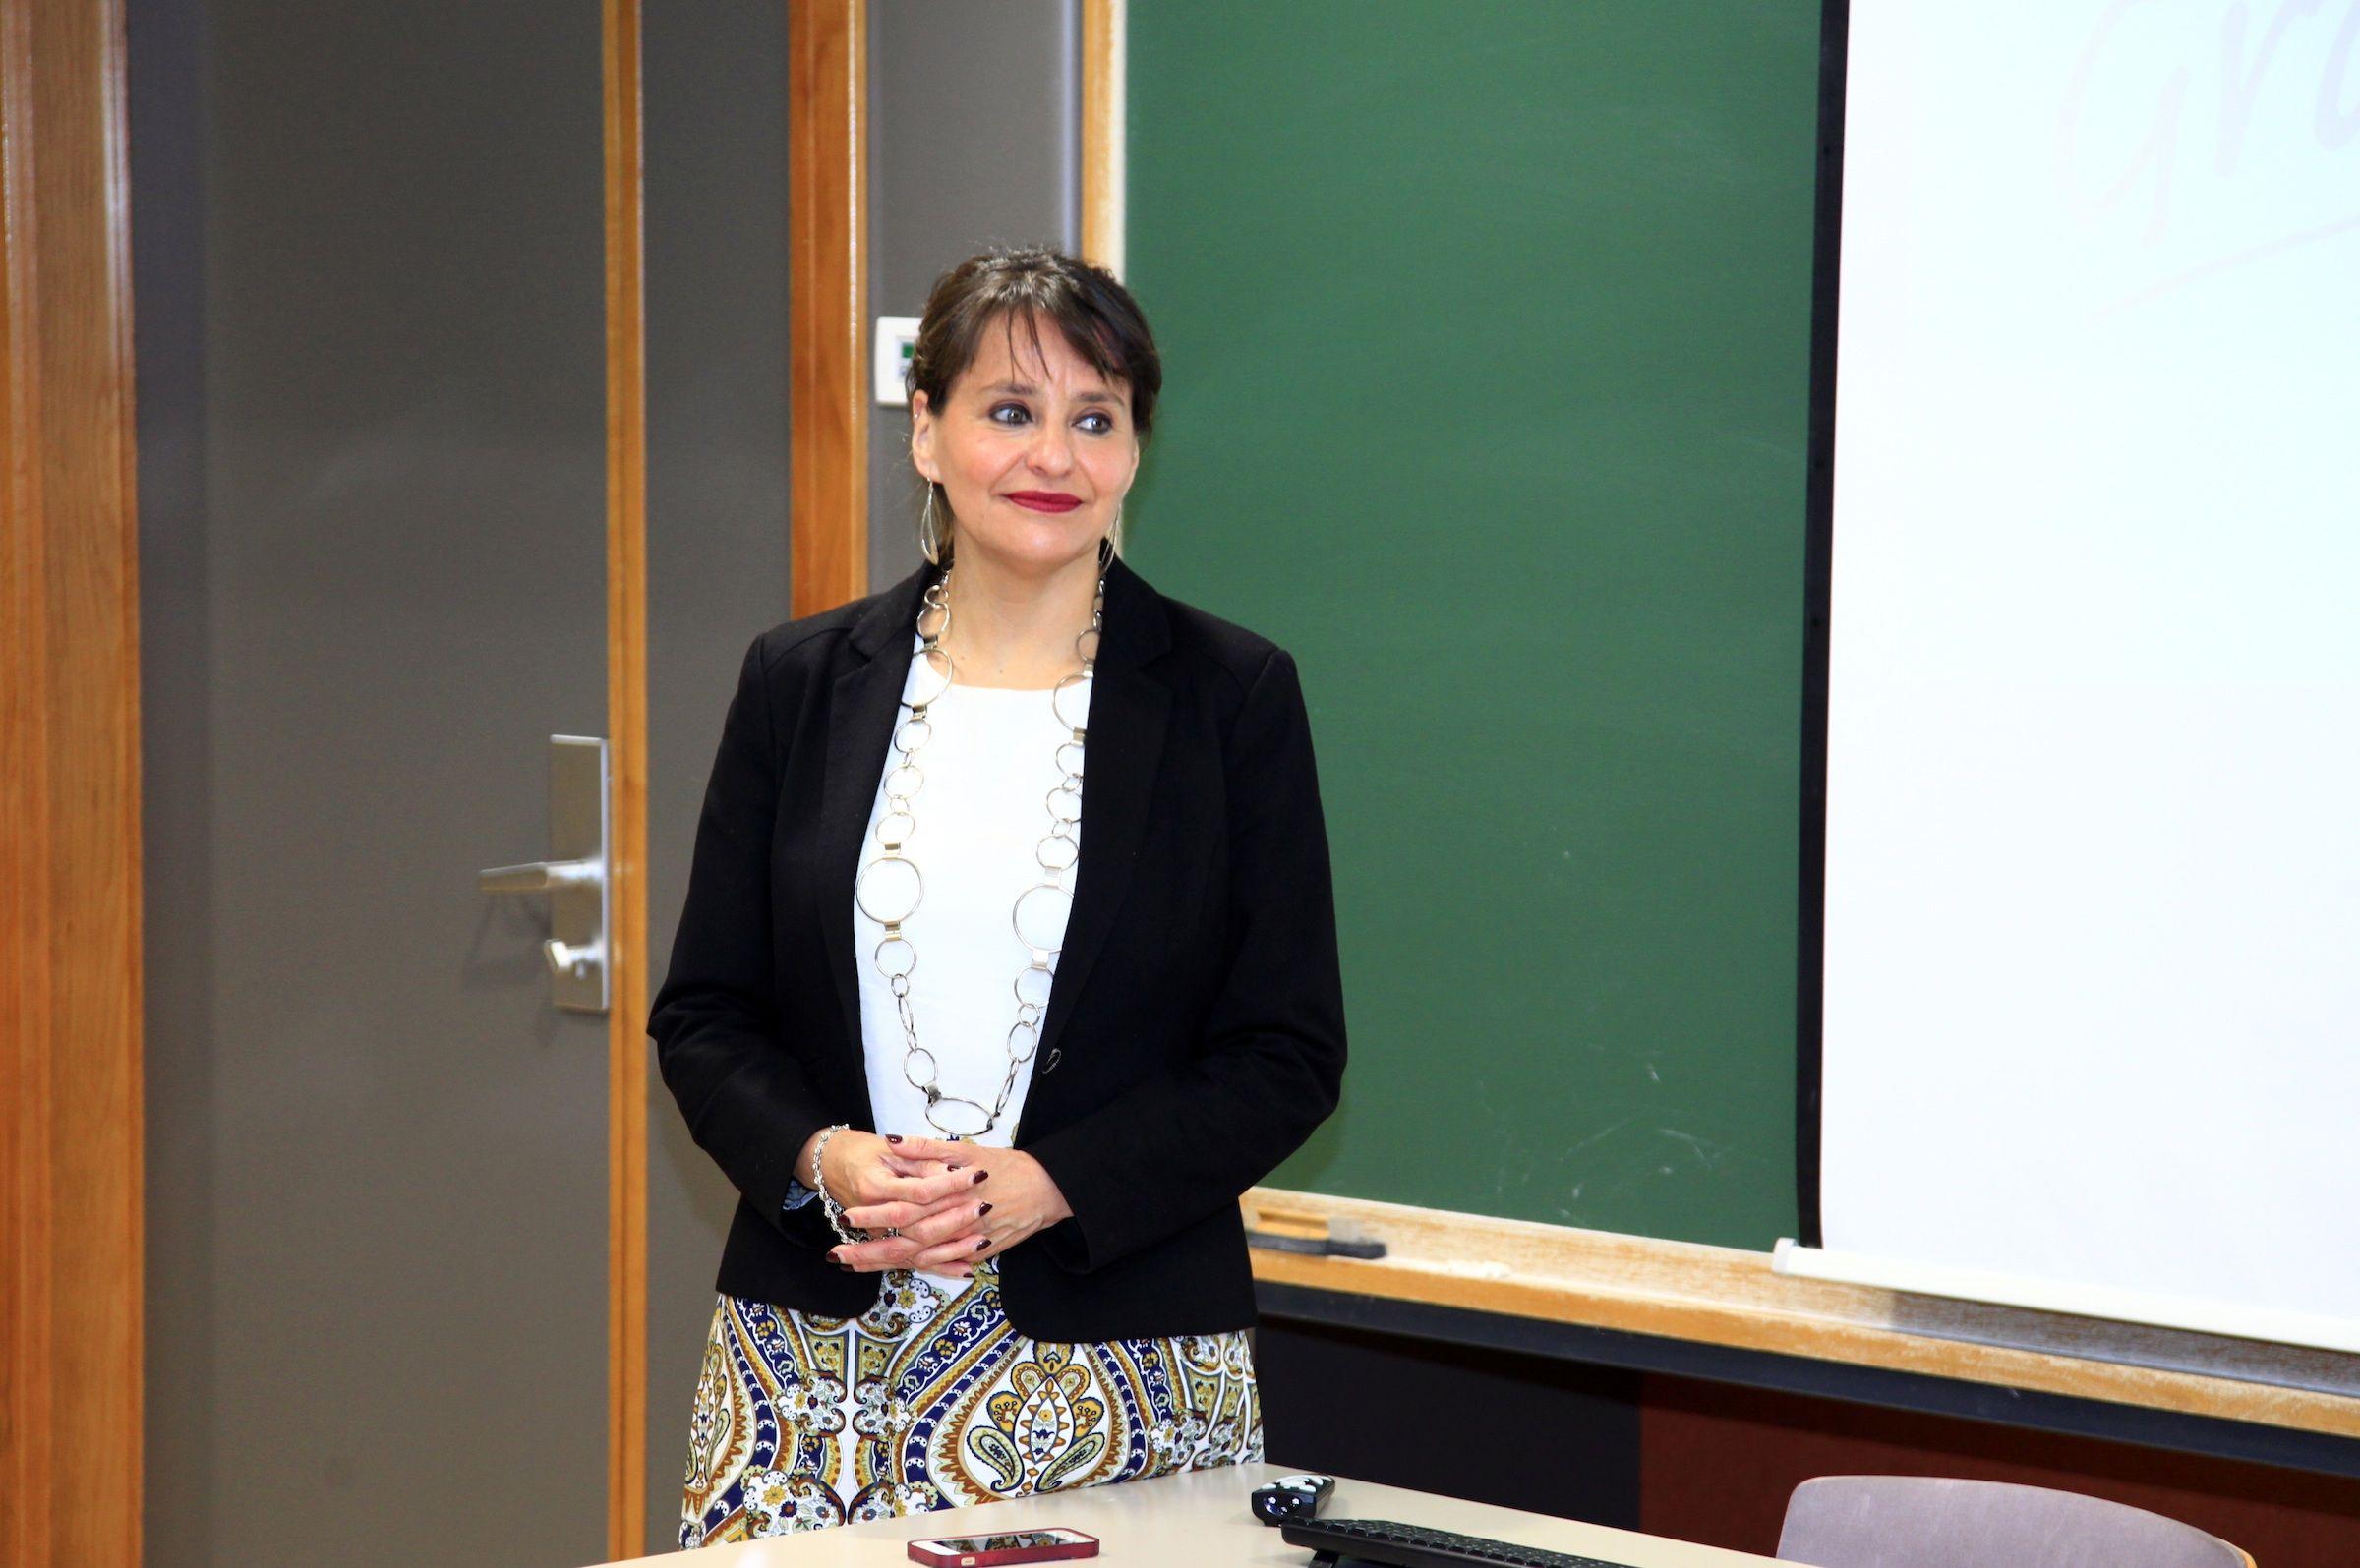 •La catedrática Jean Monnet de la Universidad de La Concepción en Chile, Paulina Astroza, invitada por la Cátedra Jean Monnet de la CEU UCH.